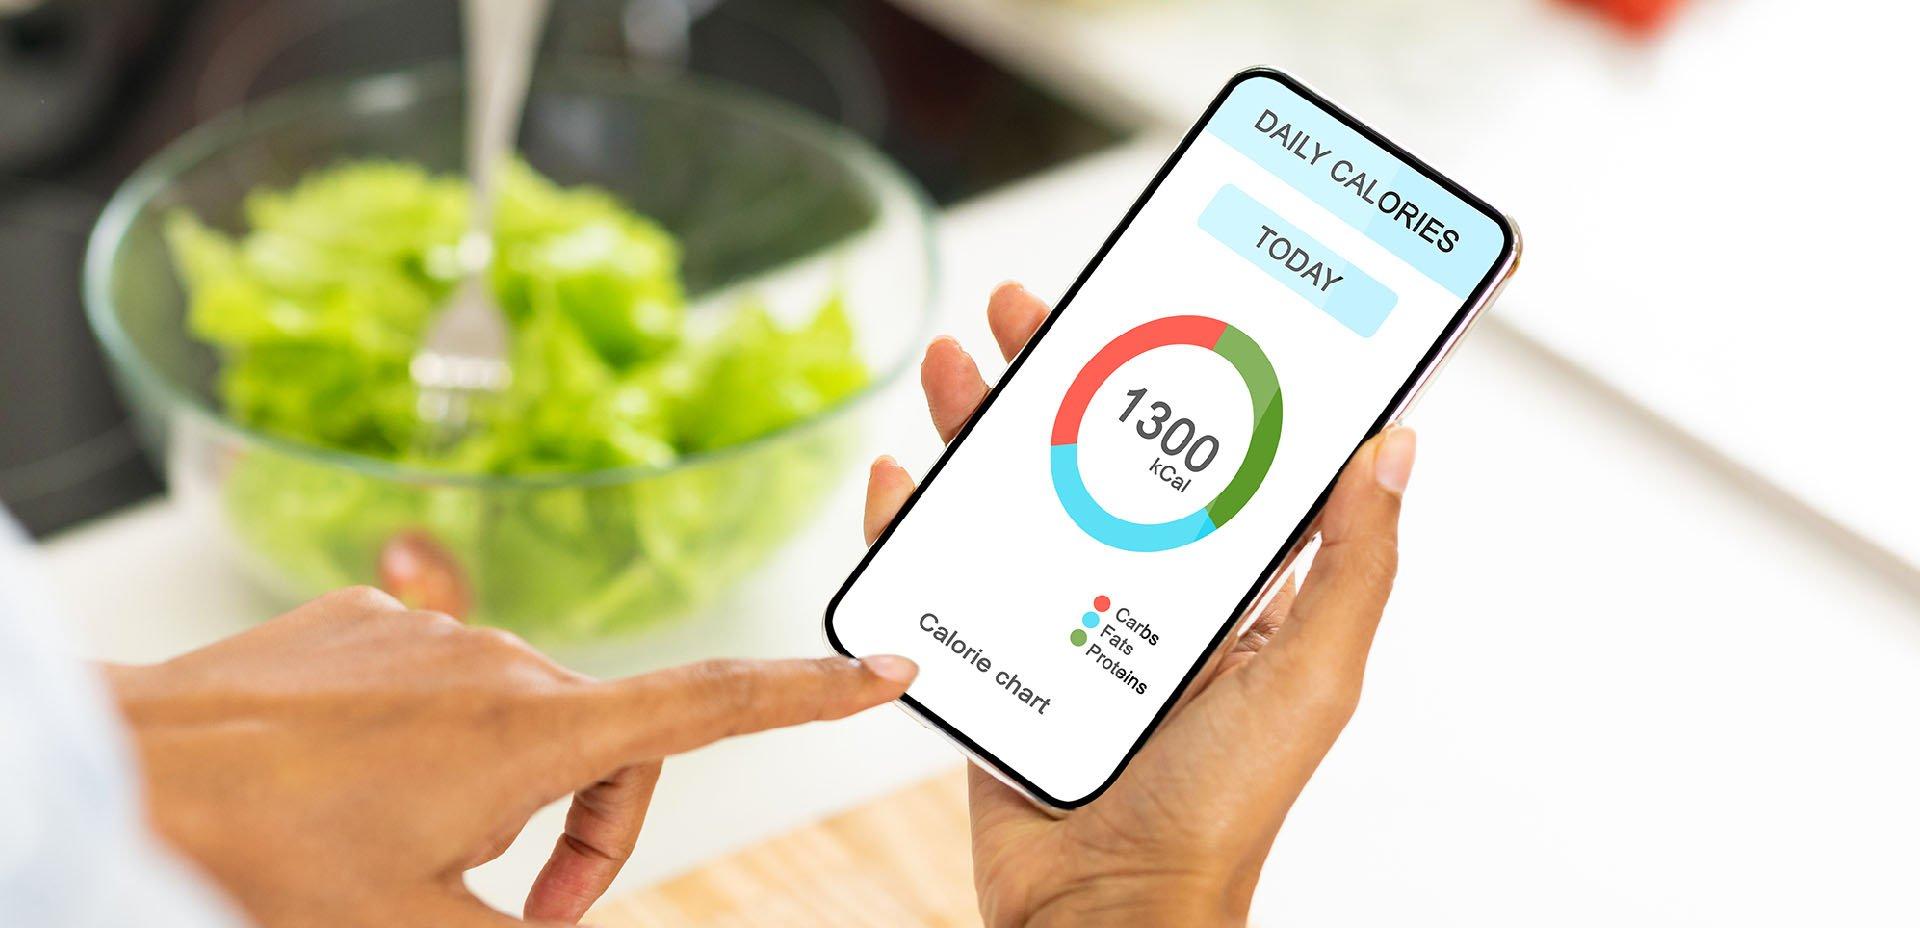 app calcolo calorie